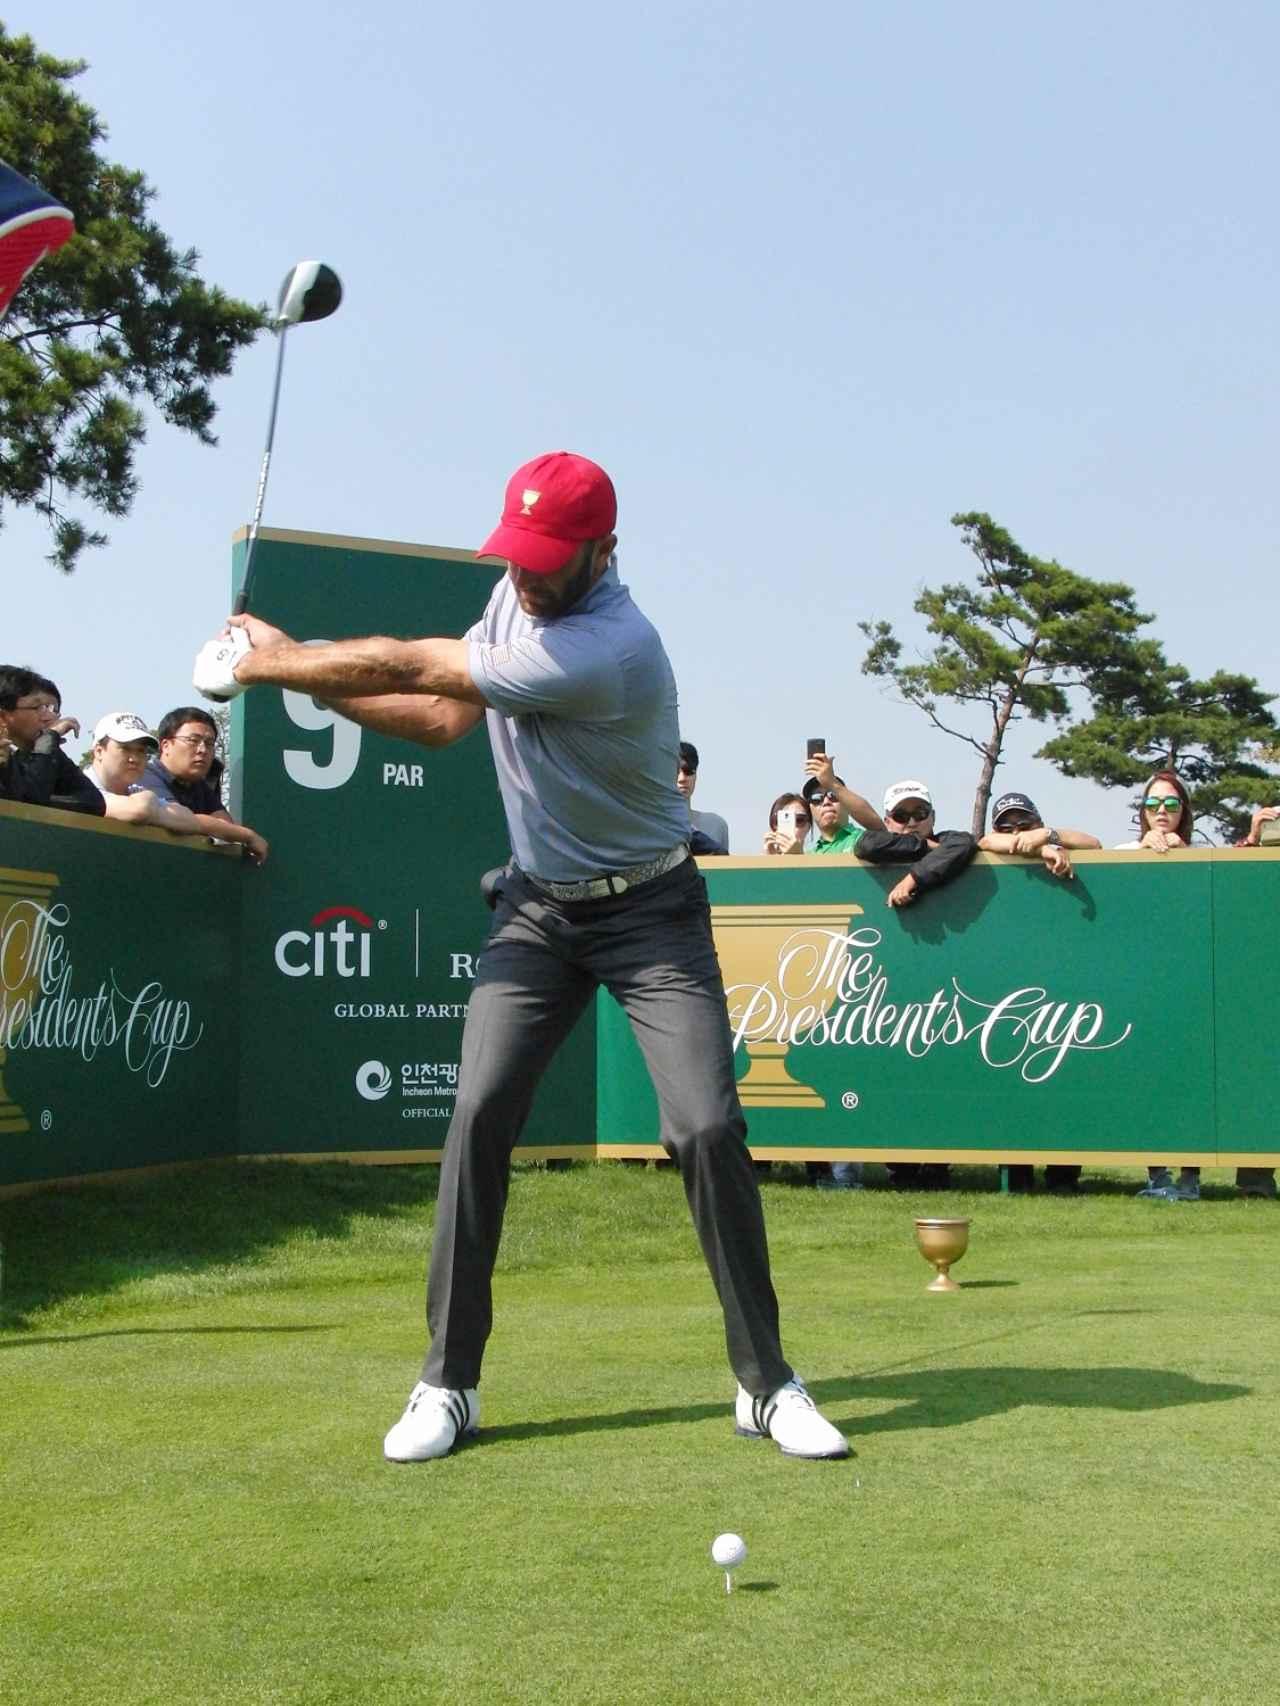 画像3: ダスティン・ジョンソンのココが凄い!PGAツアー スウィング超解説④